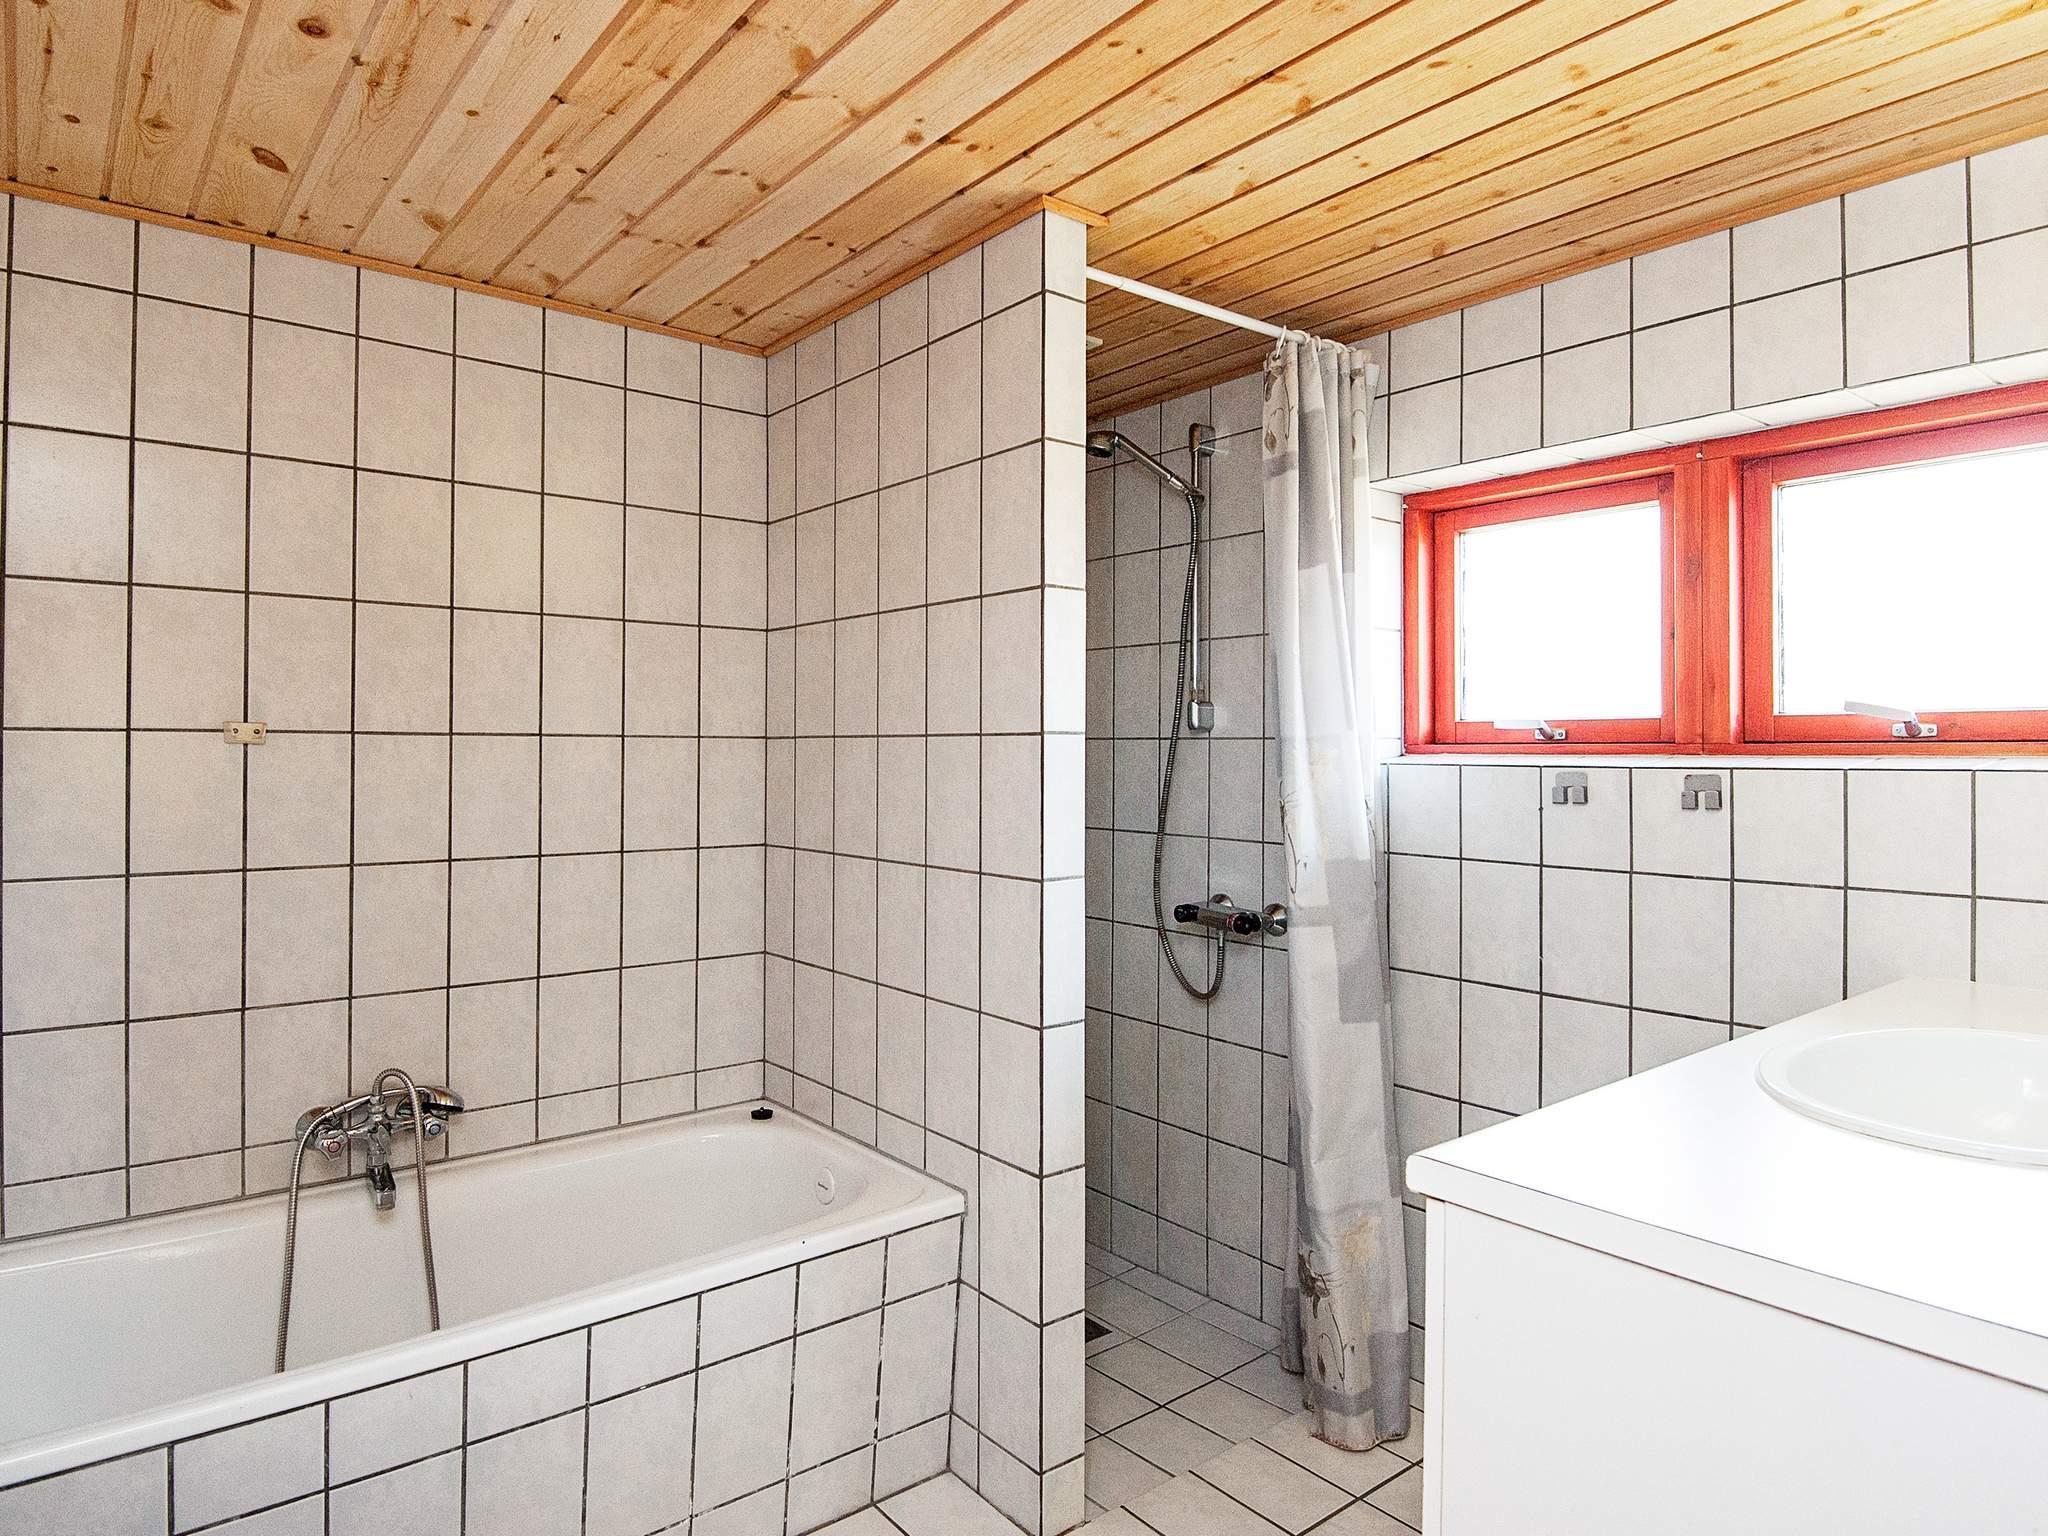 Ferienhaus Skovgårde Strand (83166), Allingåbro, , Ostjütland, Dänemark, Bild 12